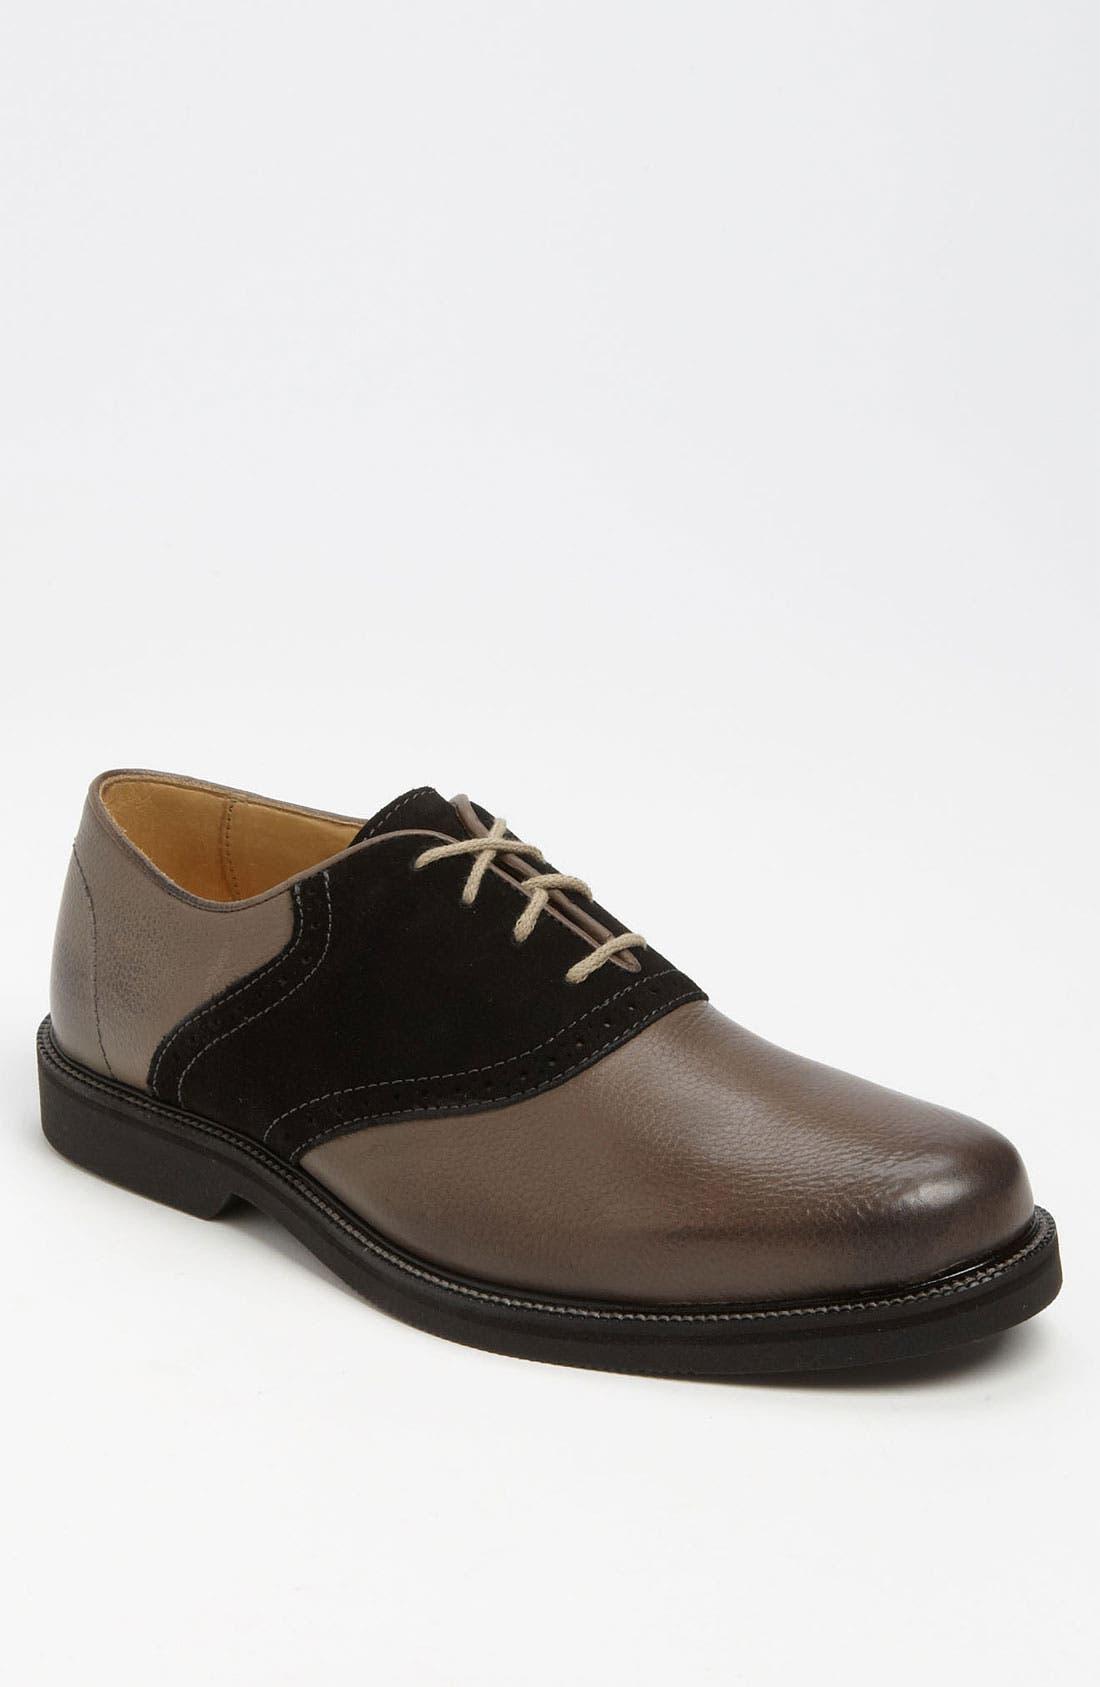 Alternate Image 1 Selected - 1901 'Bennett' Saddle Shoe (Men)